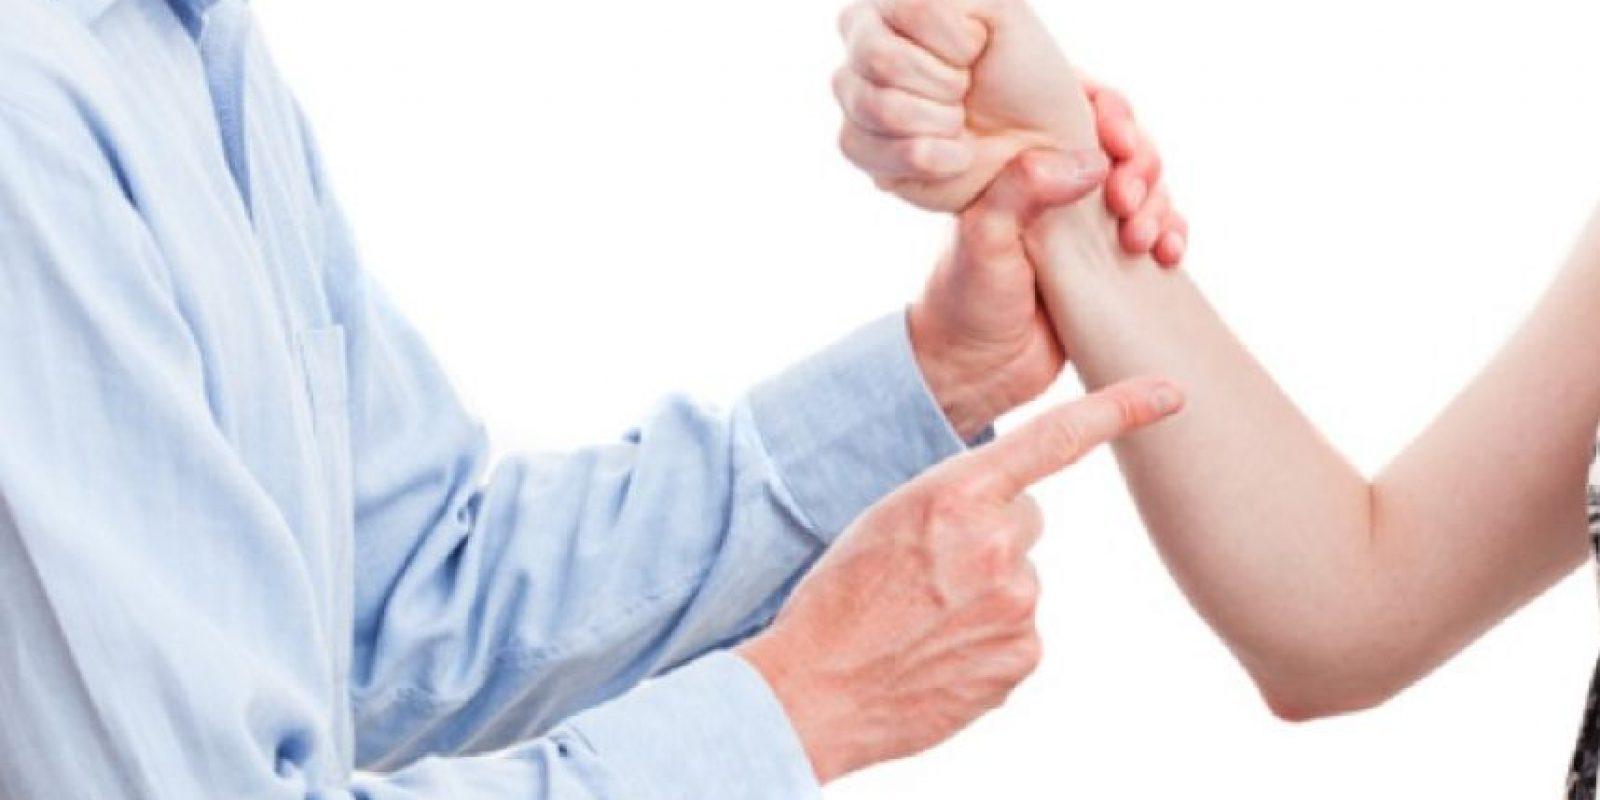 El hombre violento suele pasar de tener conductas temibles a deshacerse en muestras de amor; es la manera en que cree reparar el daño causado. Foto:Pinterest